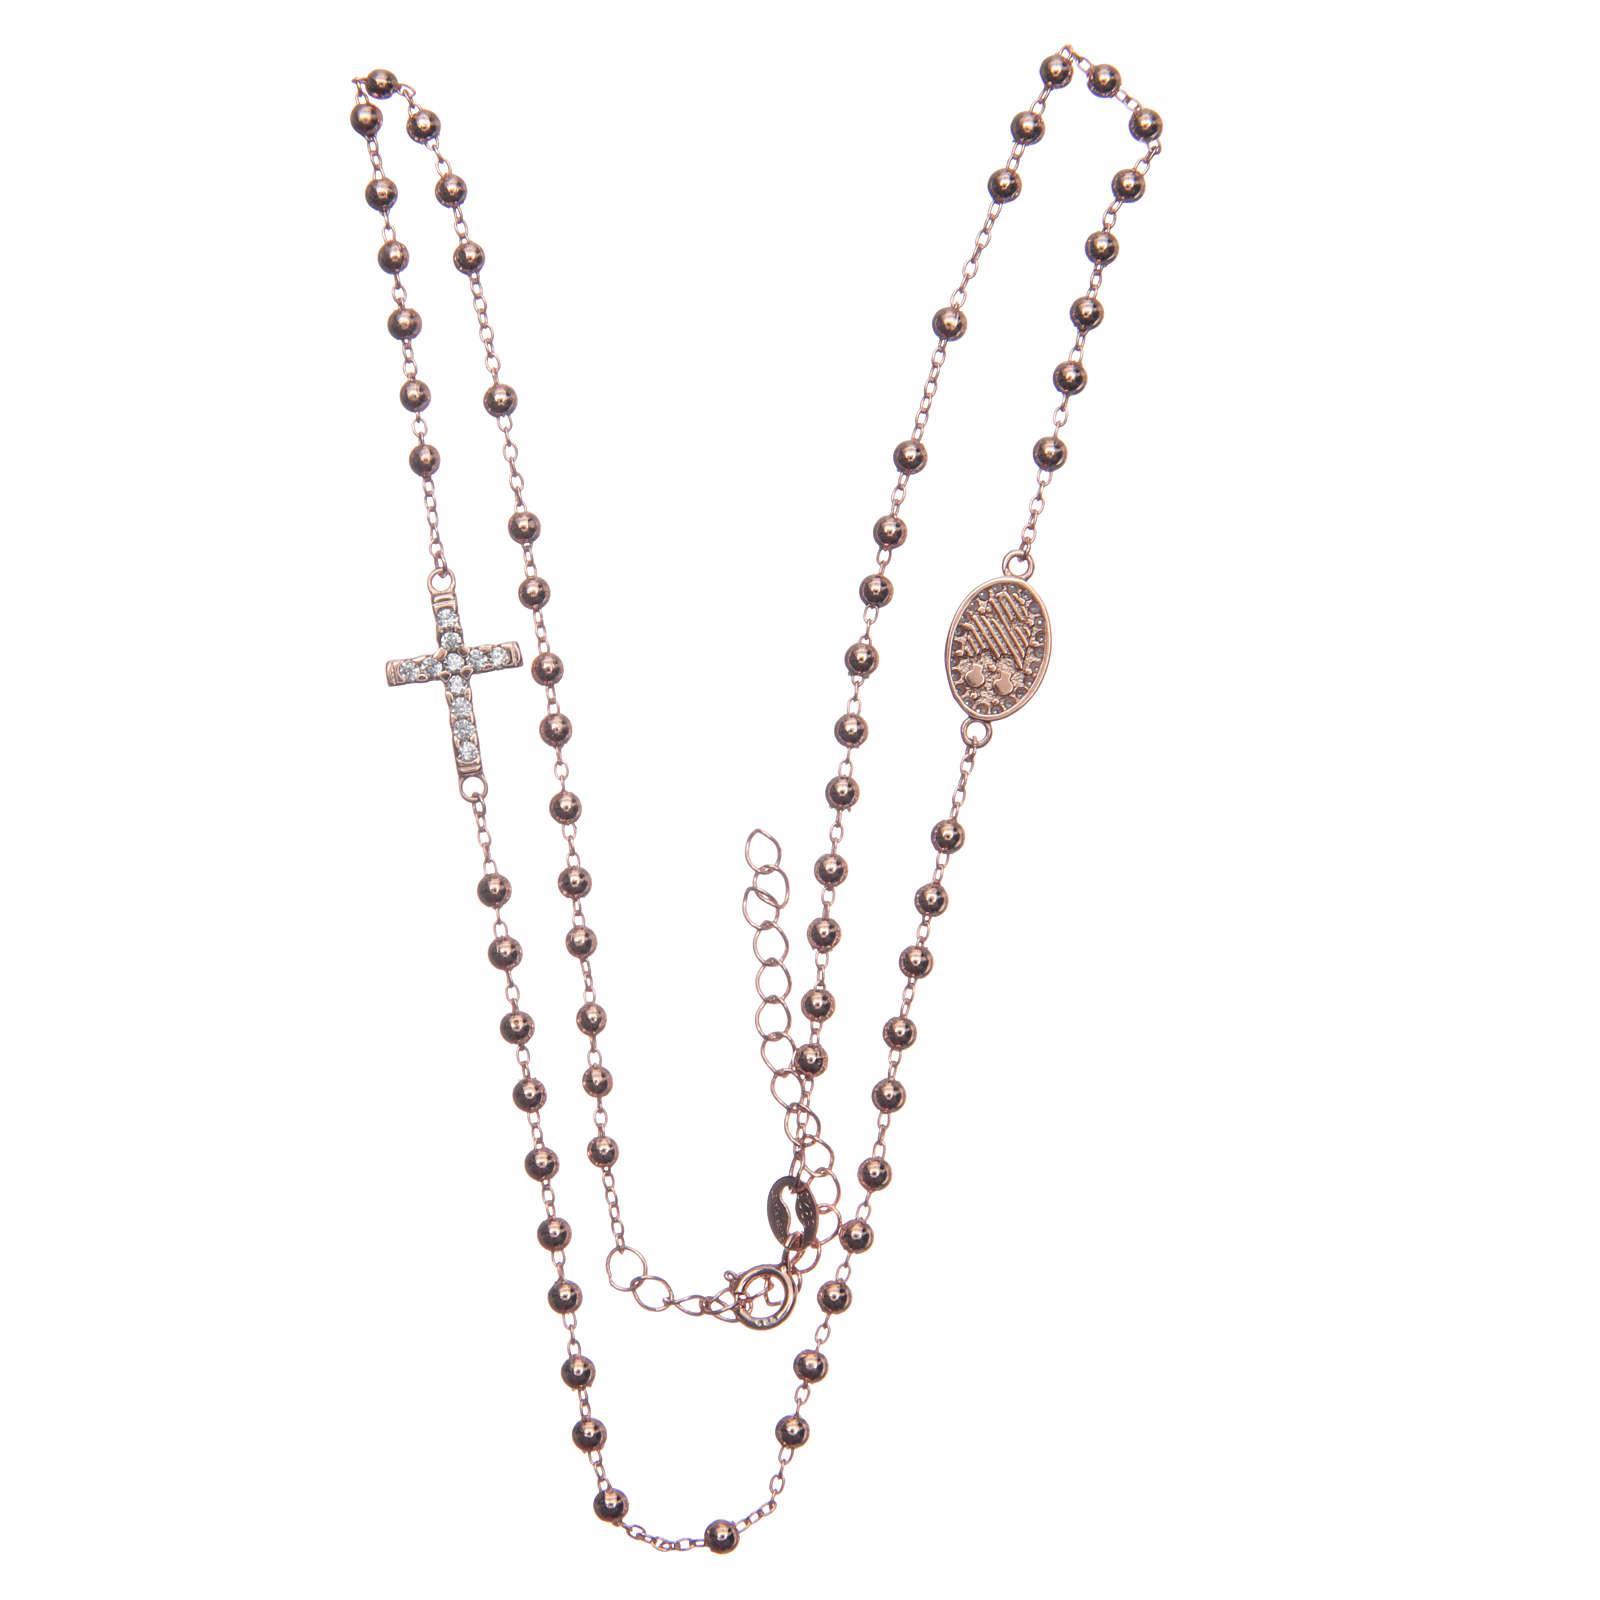 Rosario gargantilla Santa Rita rosado zircones blancos plata 925 4